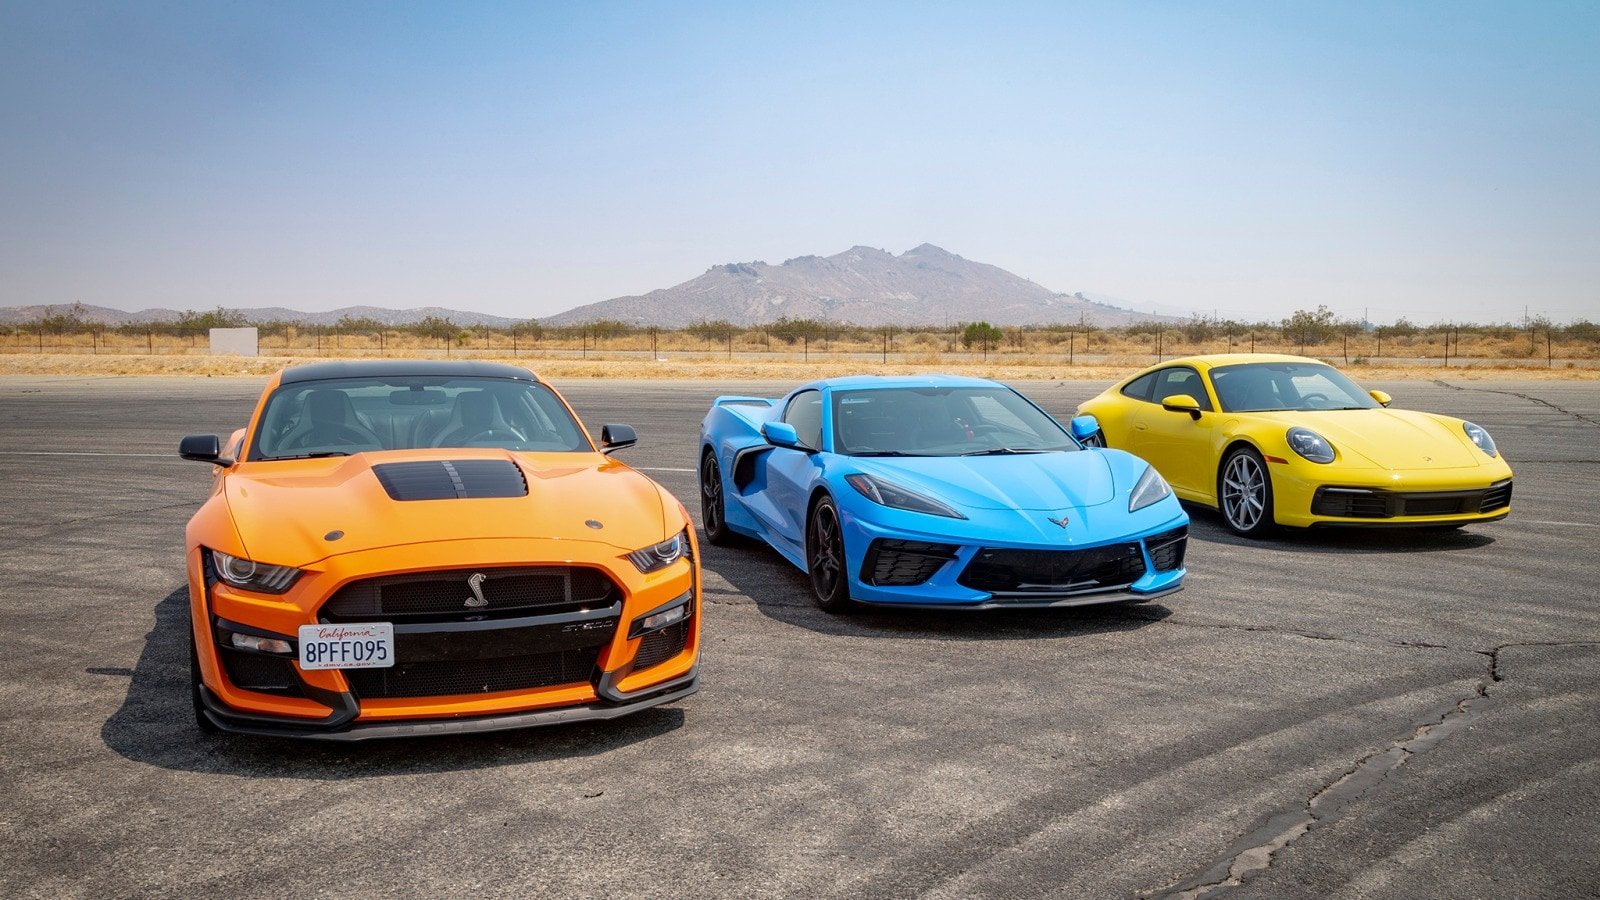 Mustang Terminator Vs Corvette